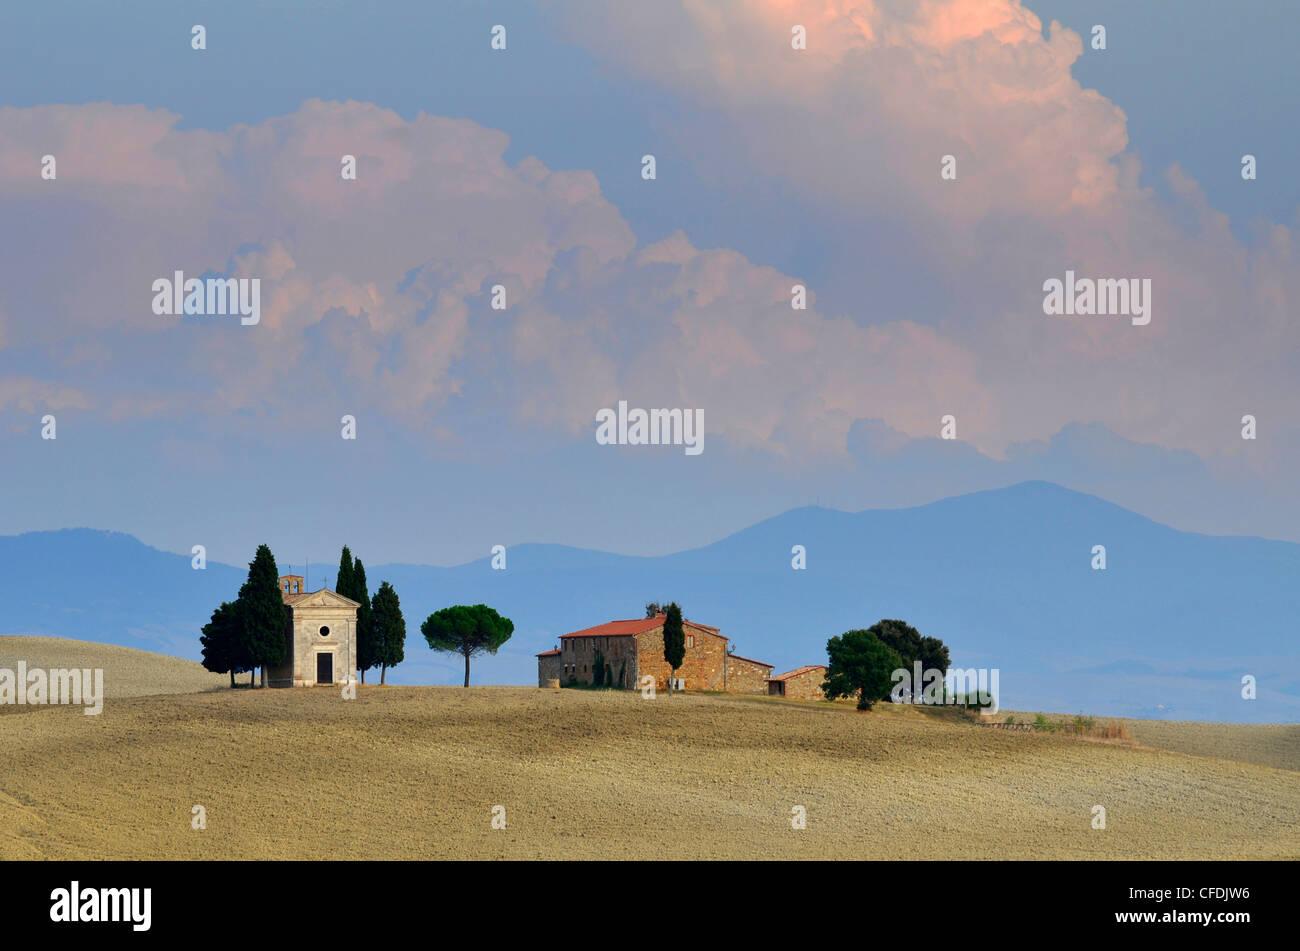 Capilla en paisaje idílico, San Quirico d'Orcia, Toscana, Italia, Europa Imagen De Stock